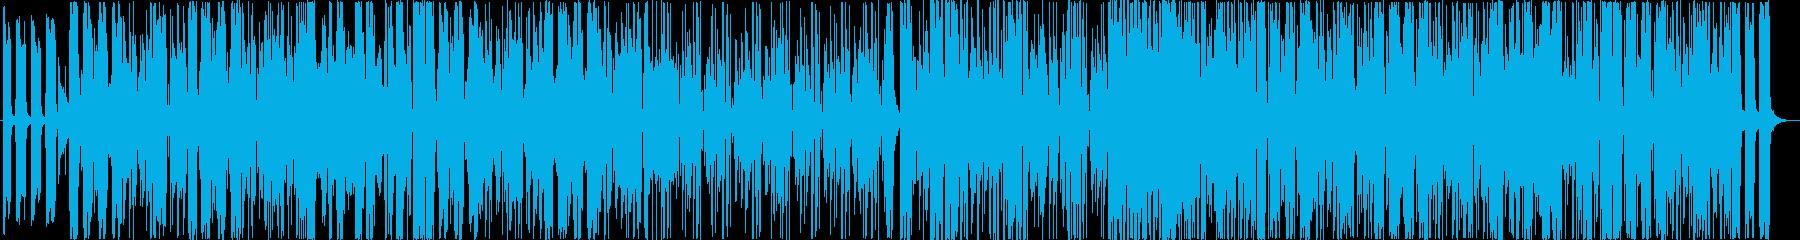 ジェームス・ブラウンまたはブルース...の再生済みの波形